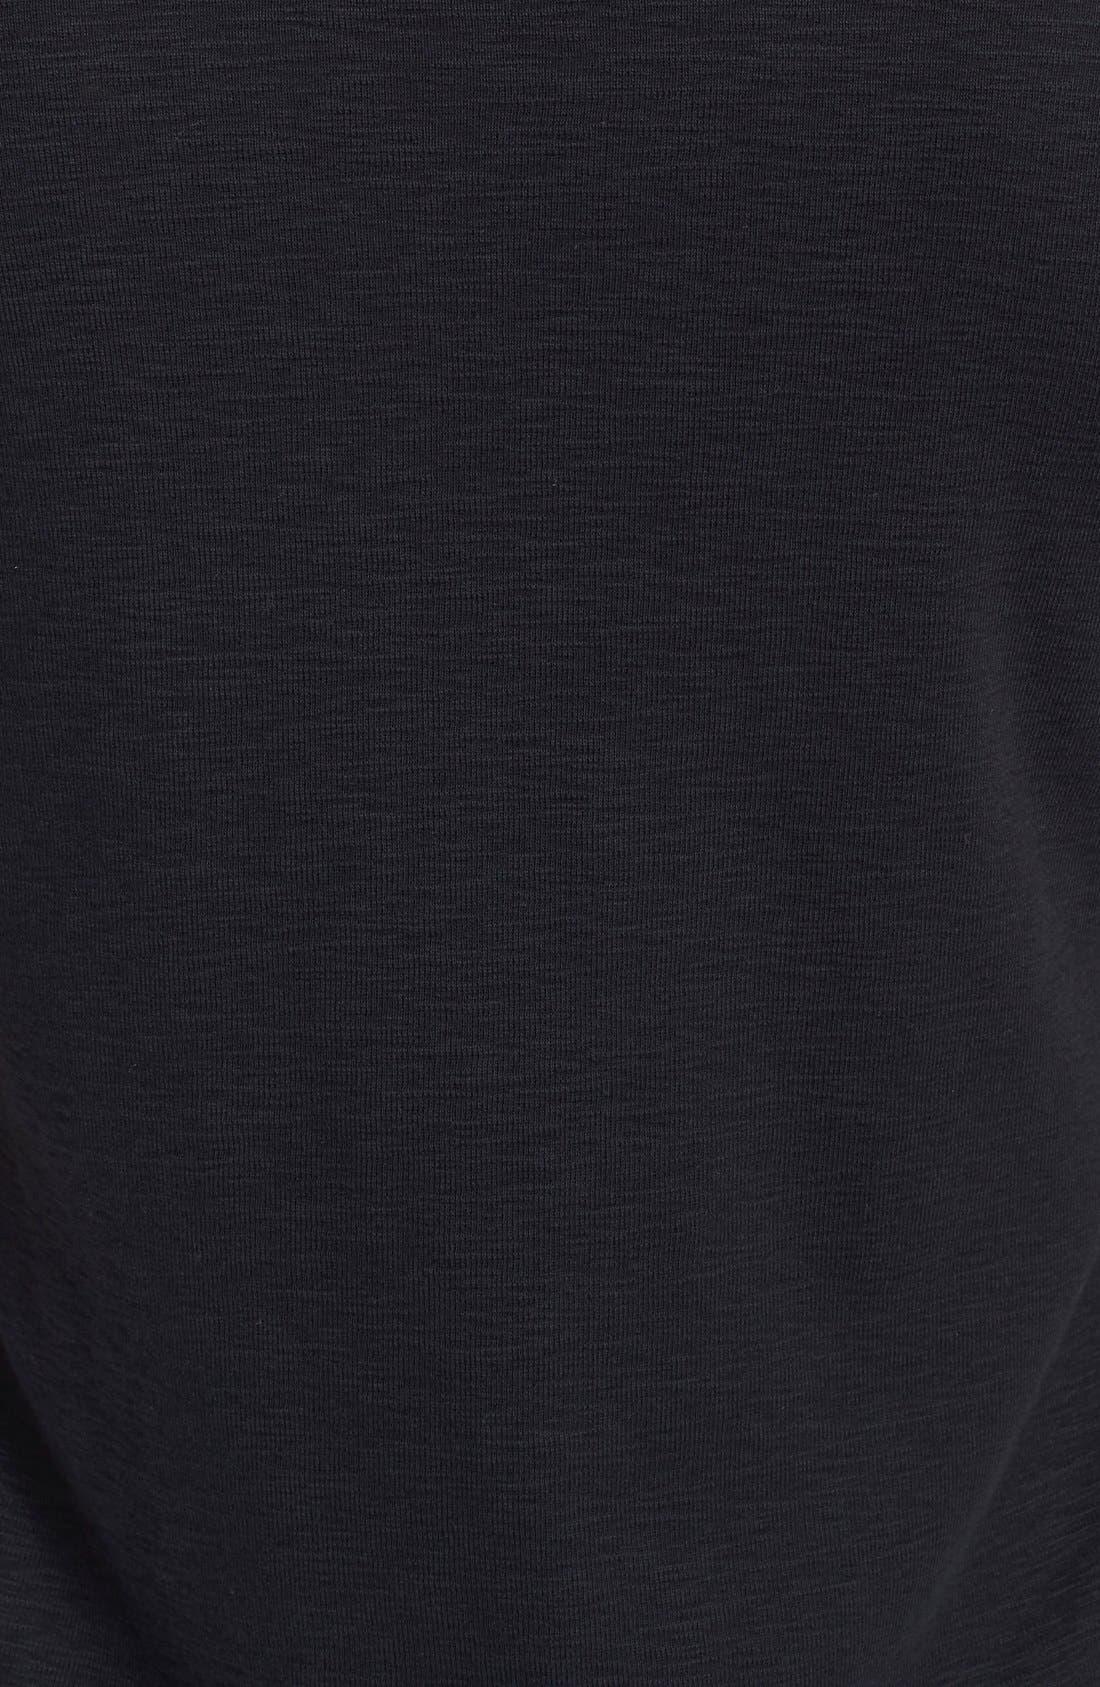 Ribbed Slub Cotton T-Shirt,                             Alternate thumbnail 5, color,                             Black